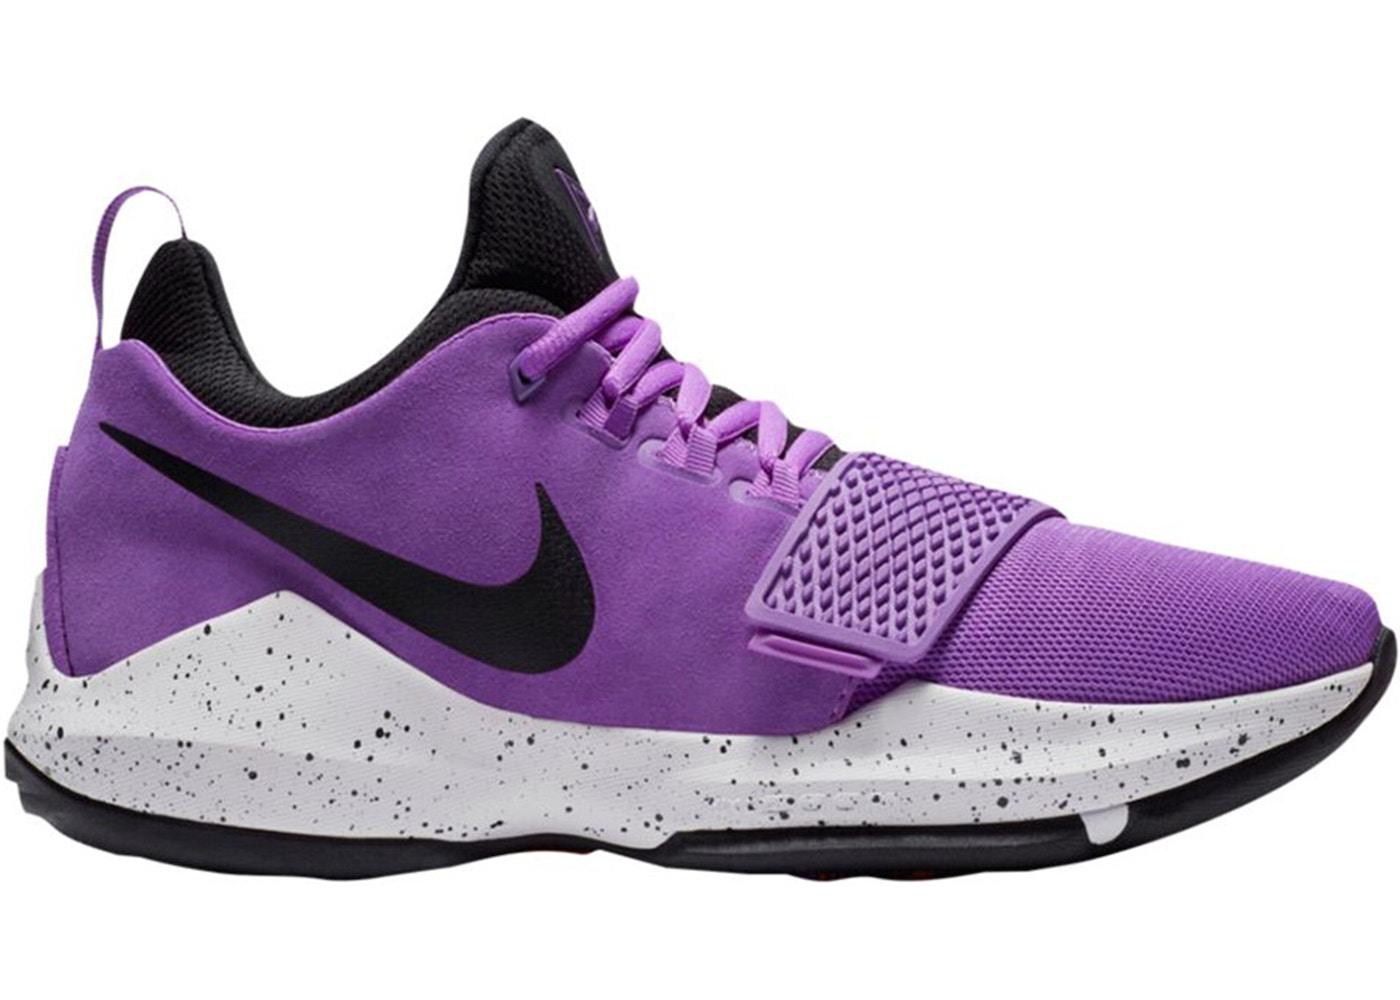 b011f4af Nike PG 1 Bright Violet - 878627-500